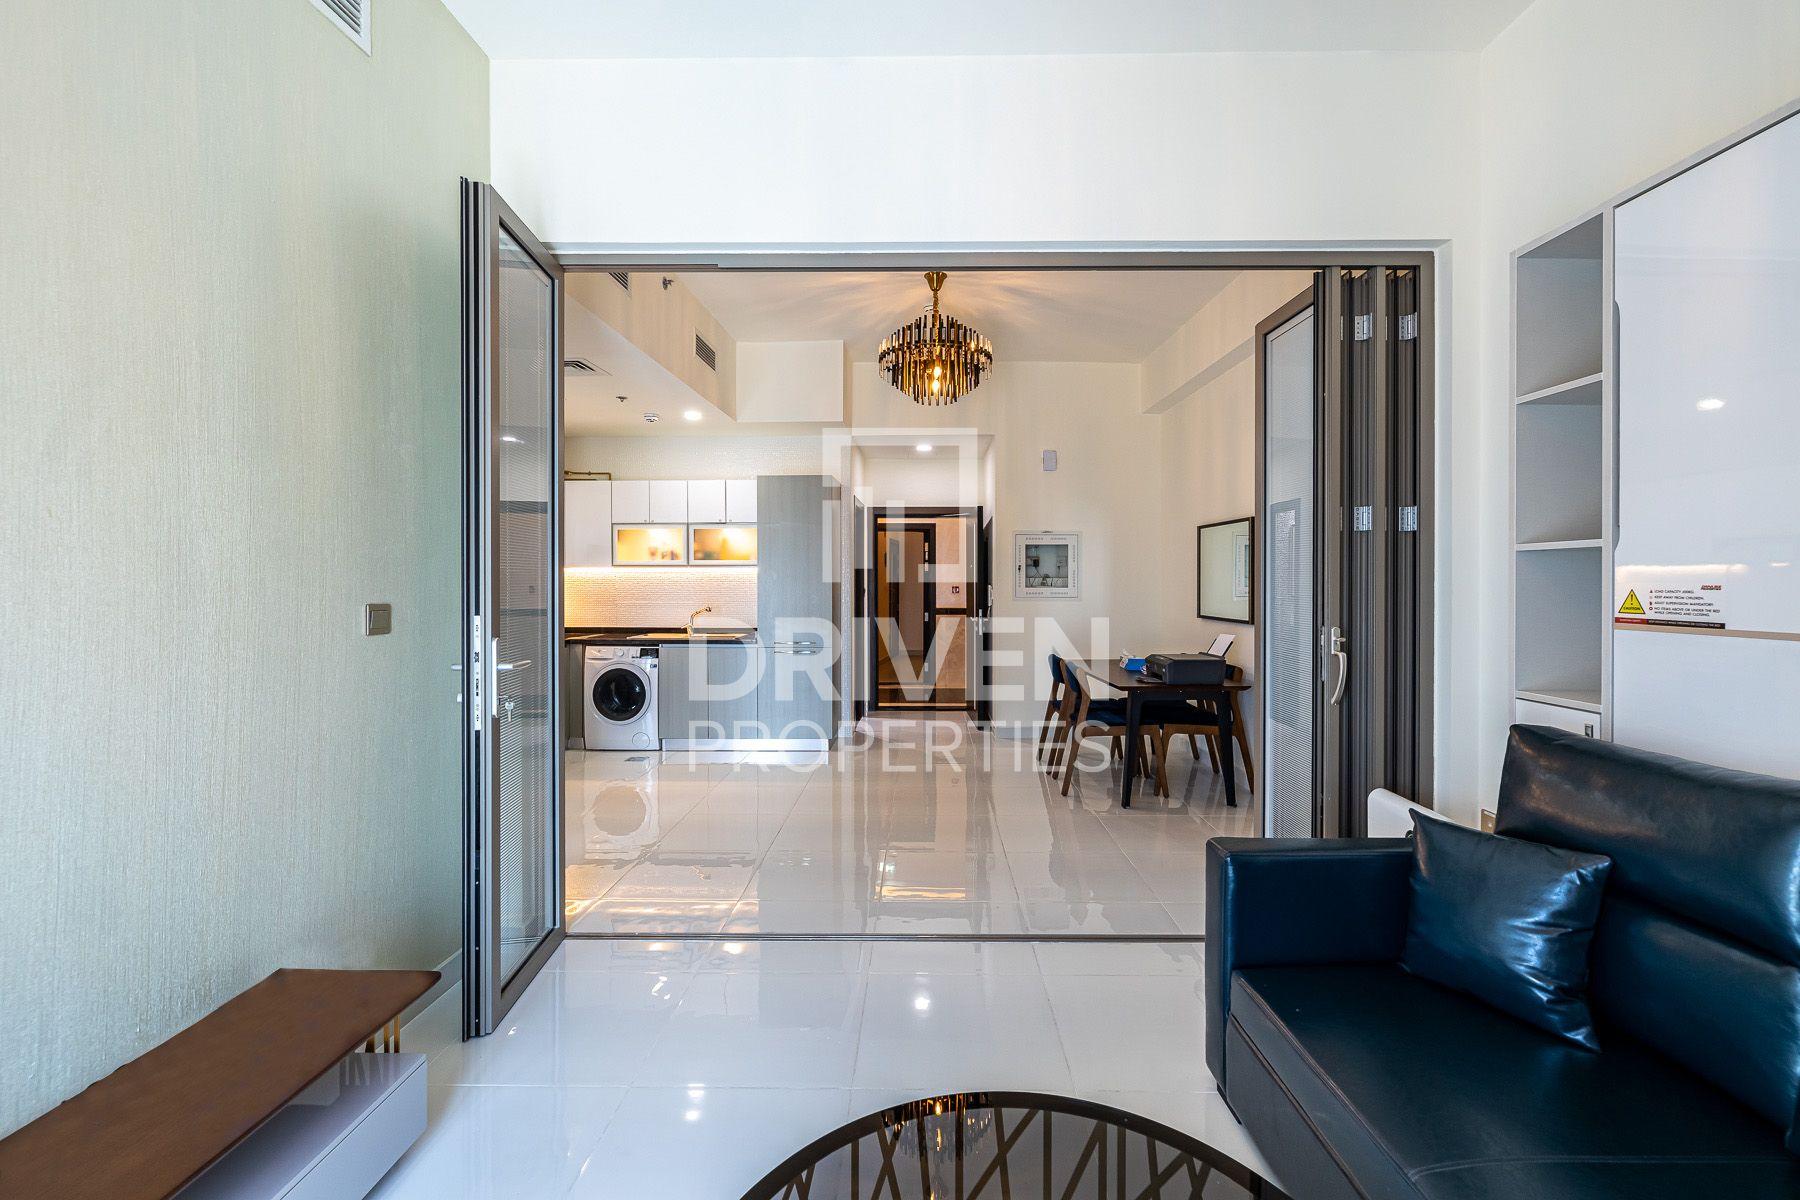 758 قدم مربع  شقة - للايجار - ارجان